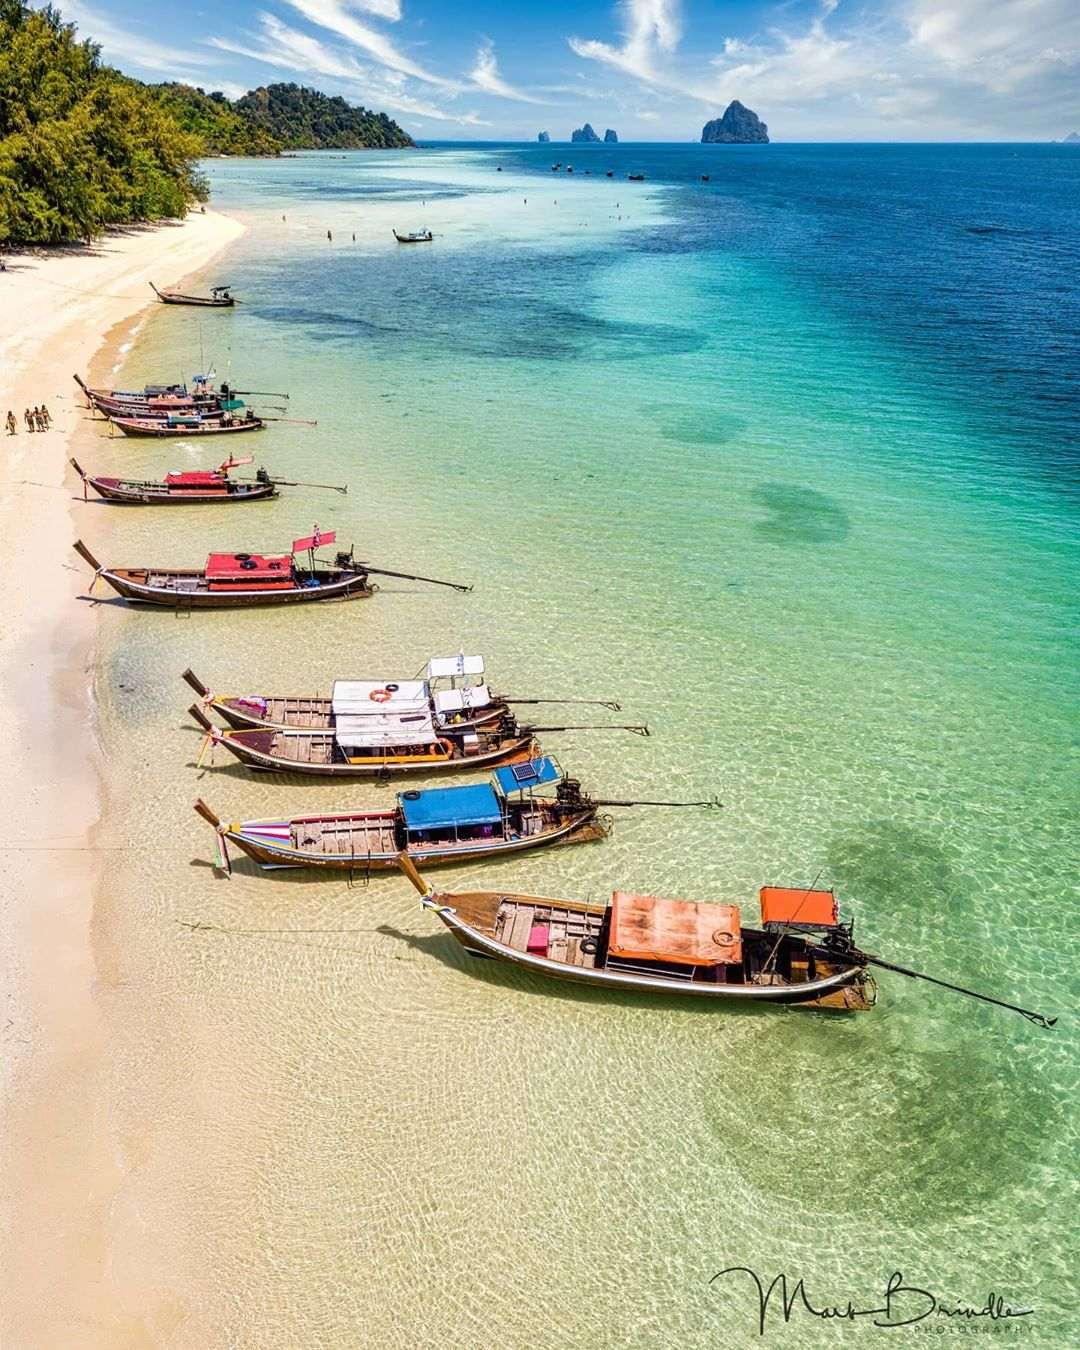 Longtailbootjes aangemeerd aan de kuststrook van Koh Kradan, Thailand